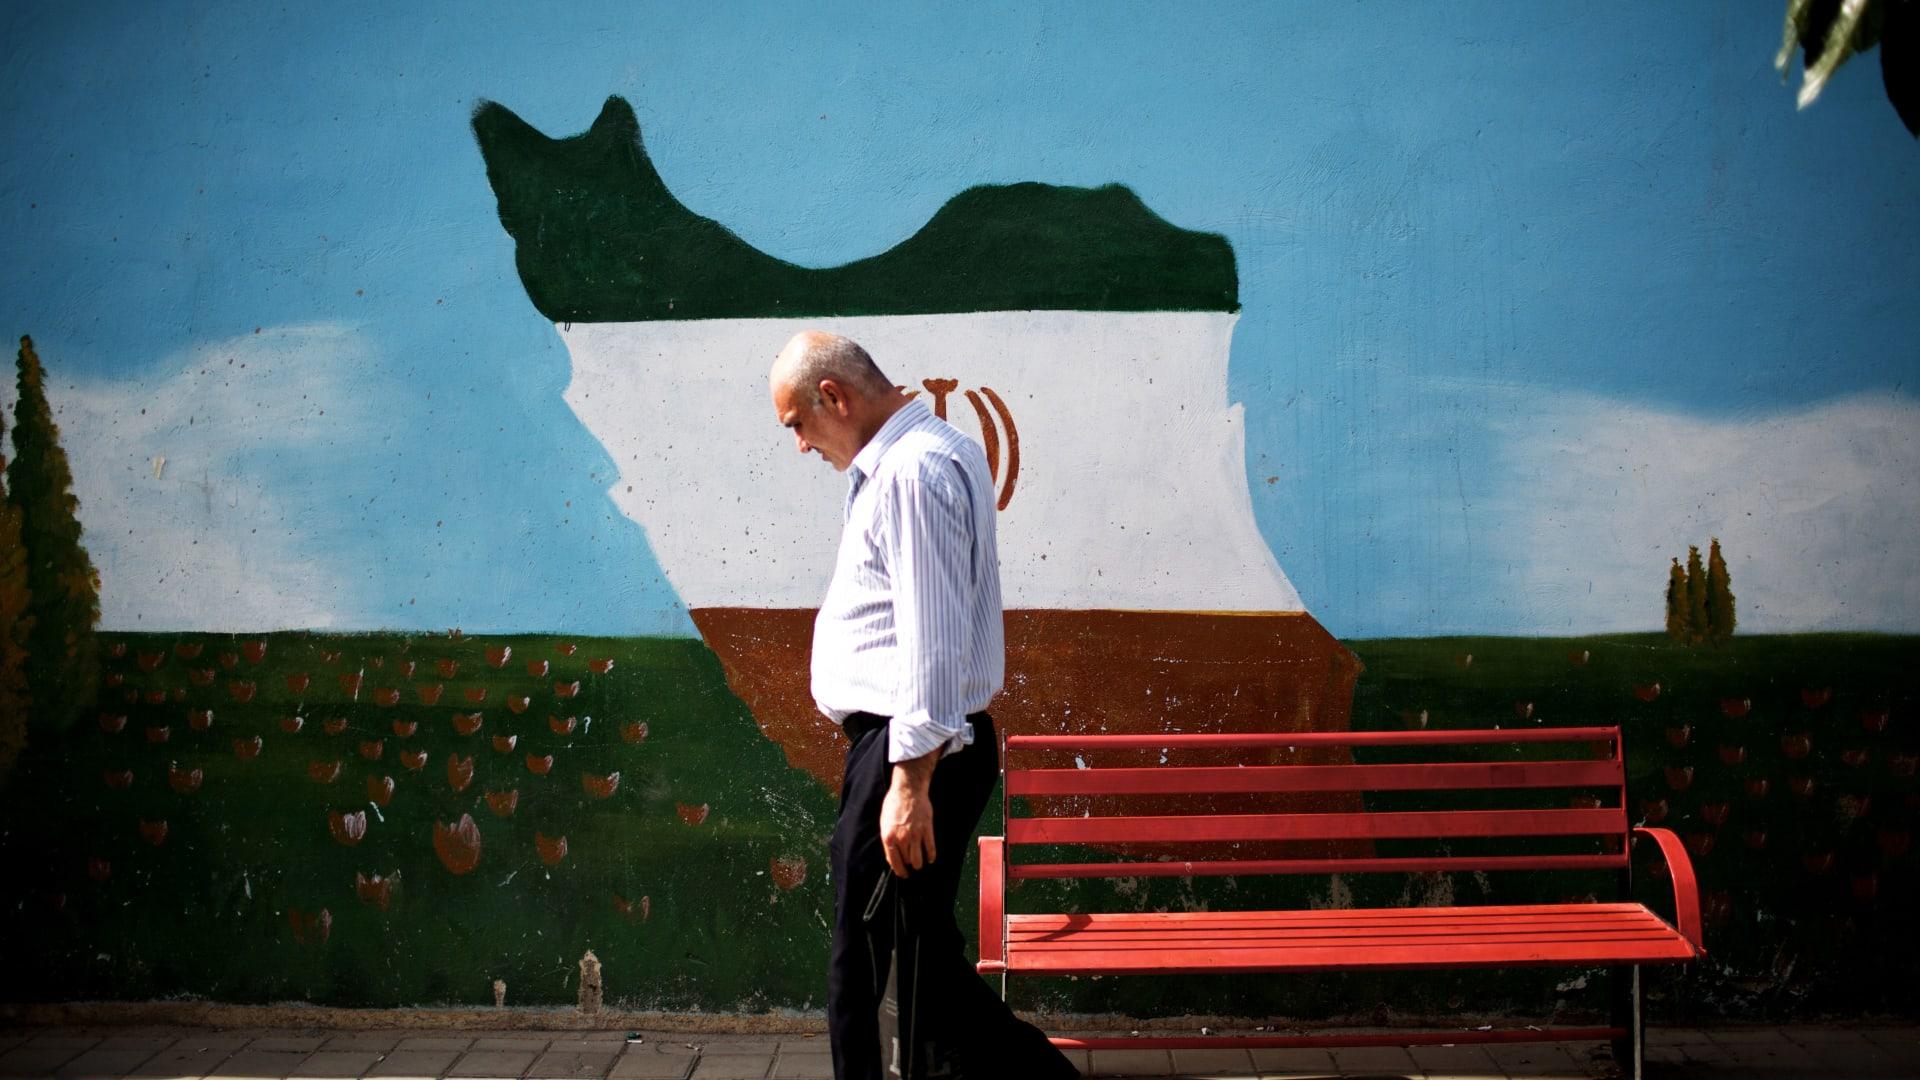 معدل الوفاة من فيروس كورونا في إيران أعلى بكثير من المتوسط العالمي..لماذا؟